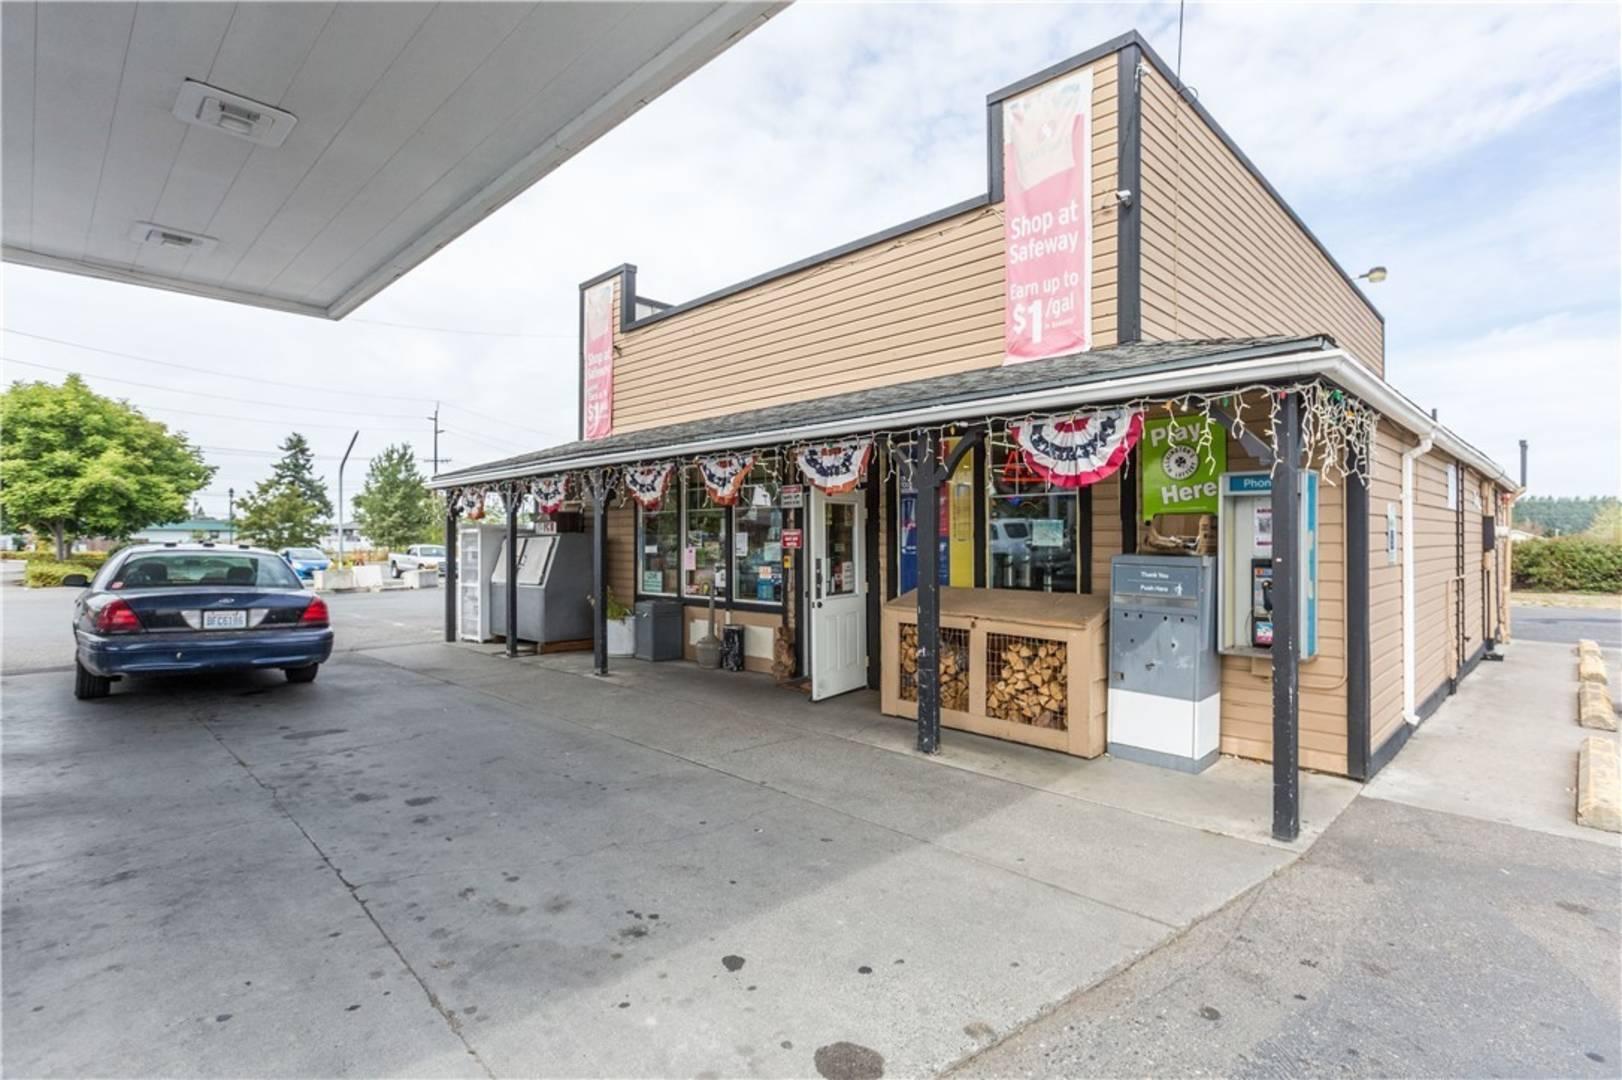 822 E Washington St, Sequim, WA 98382